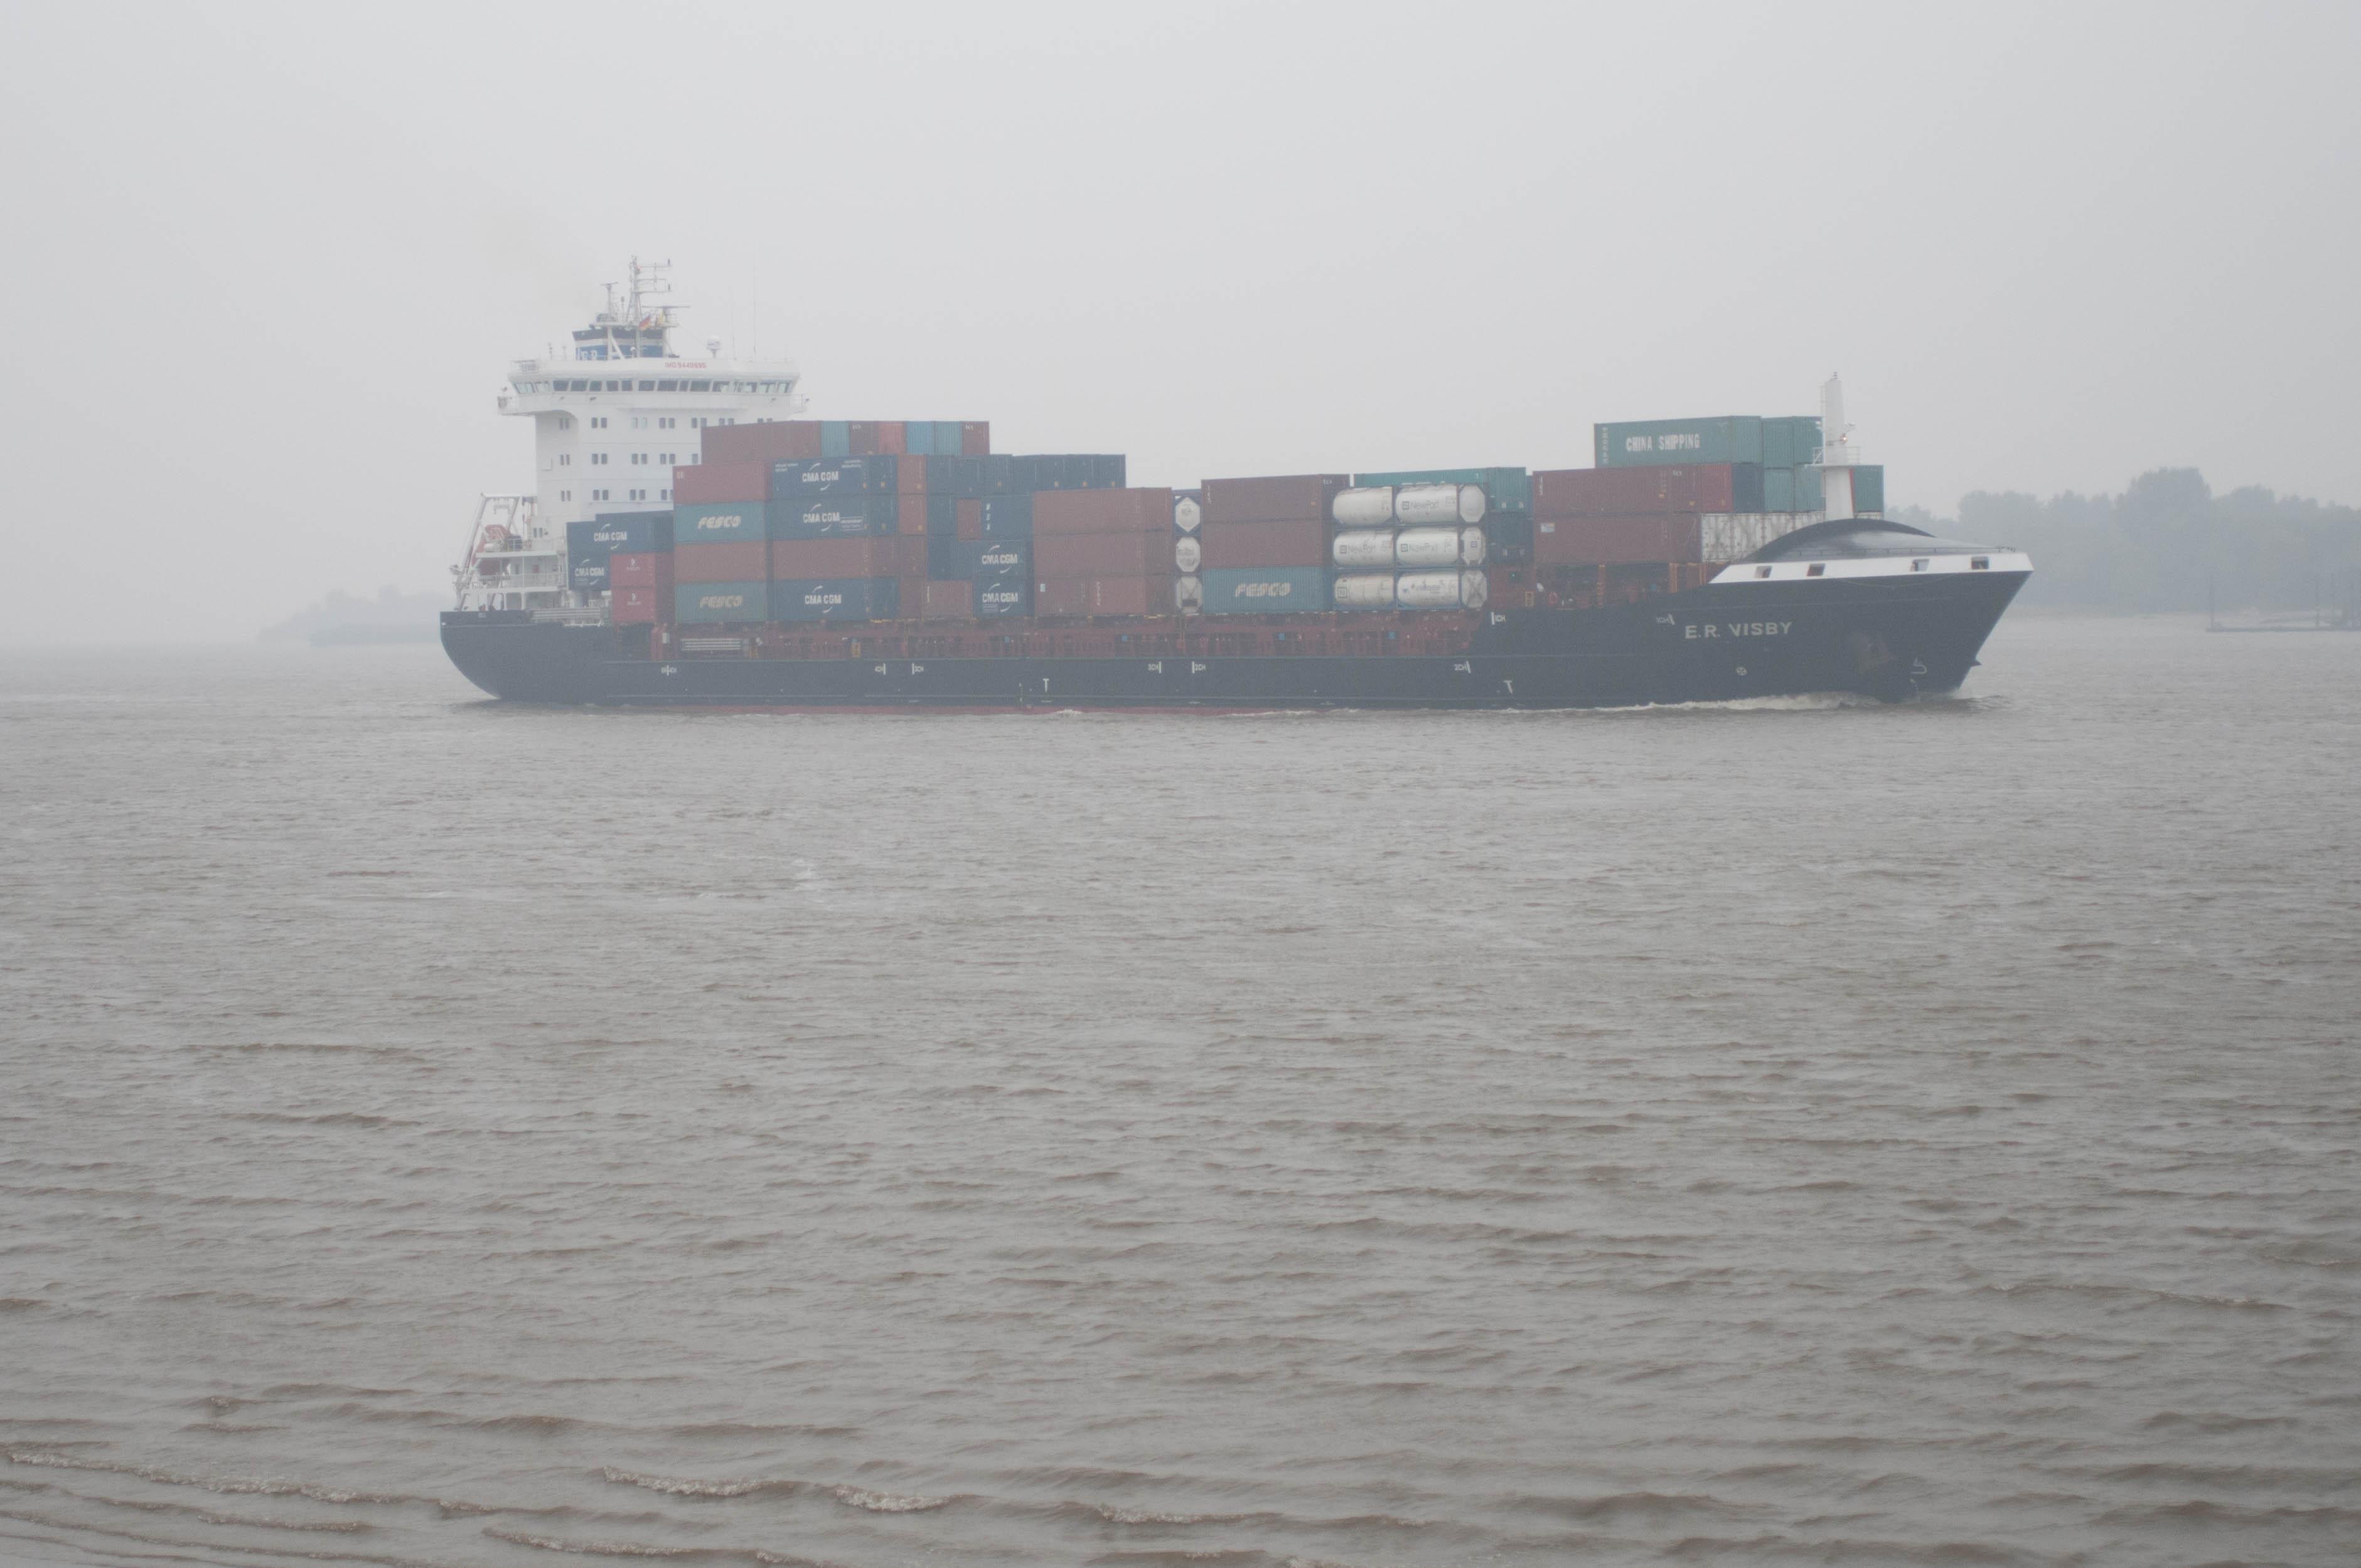 Ship E.R. Visby Elbe